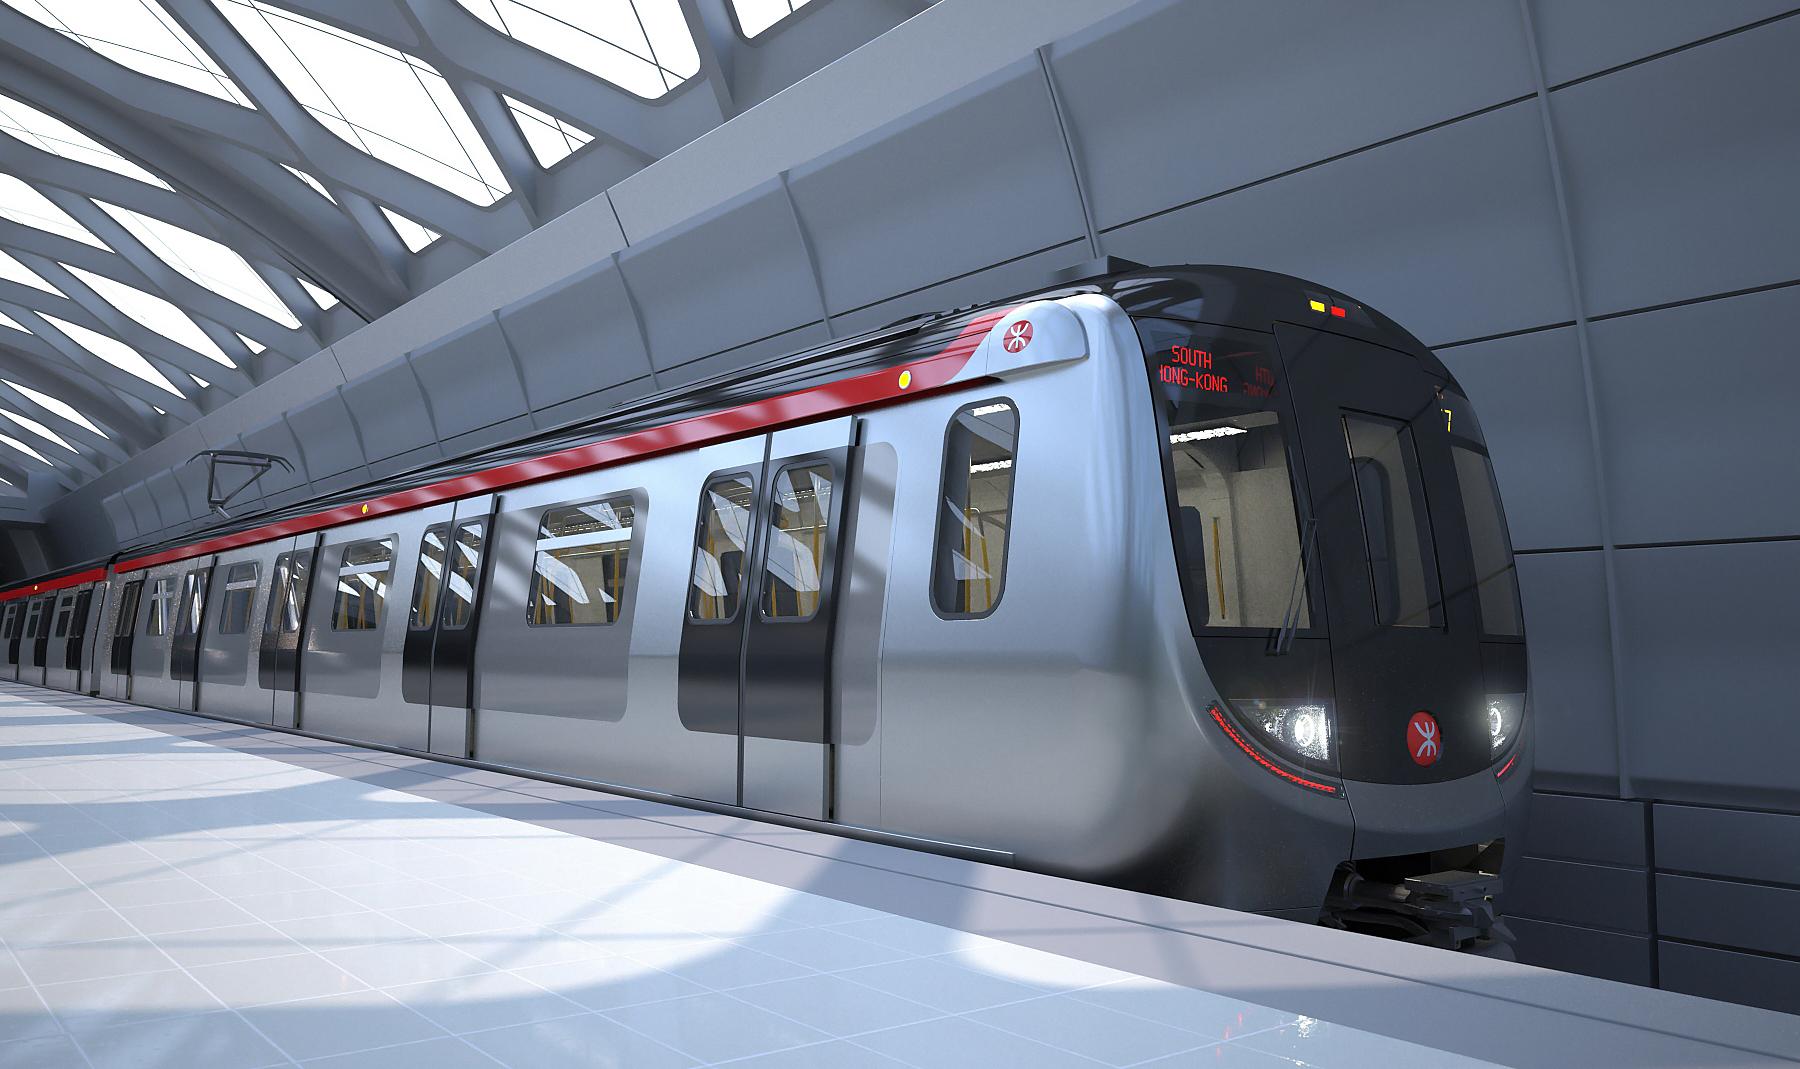 无驾驶员!中国首列无人驾驶地铁在香港开通(图)